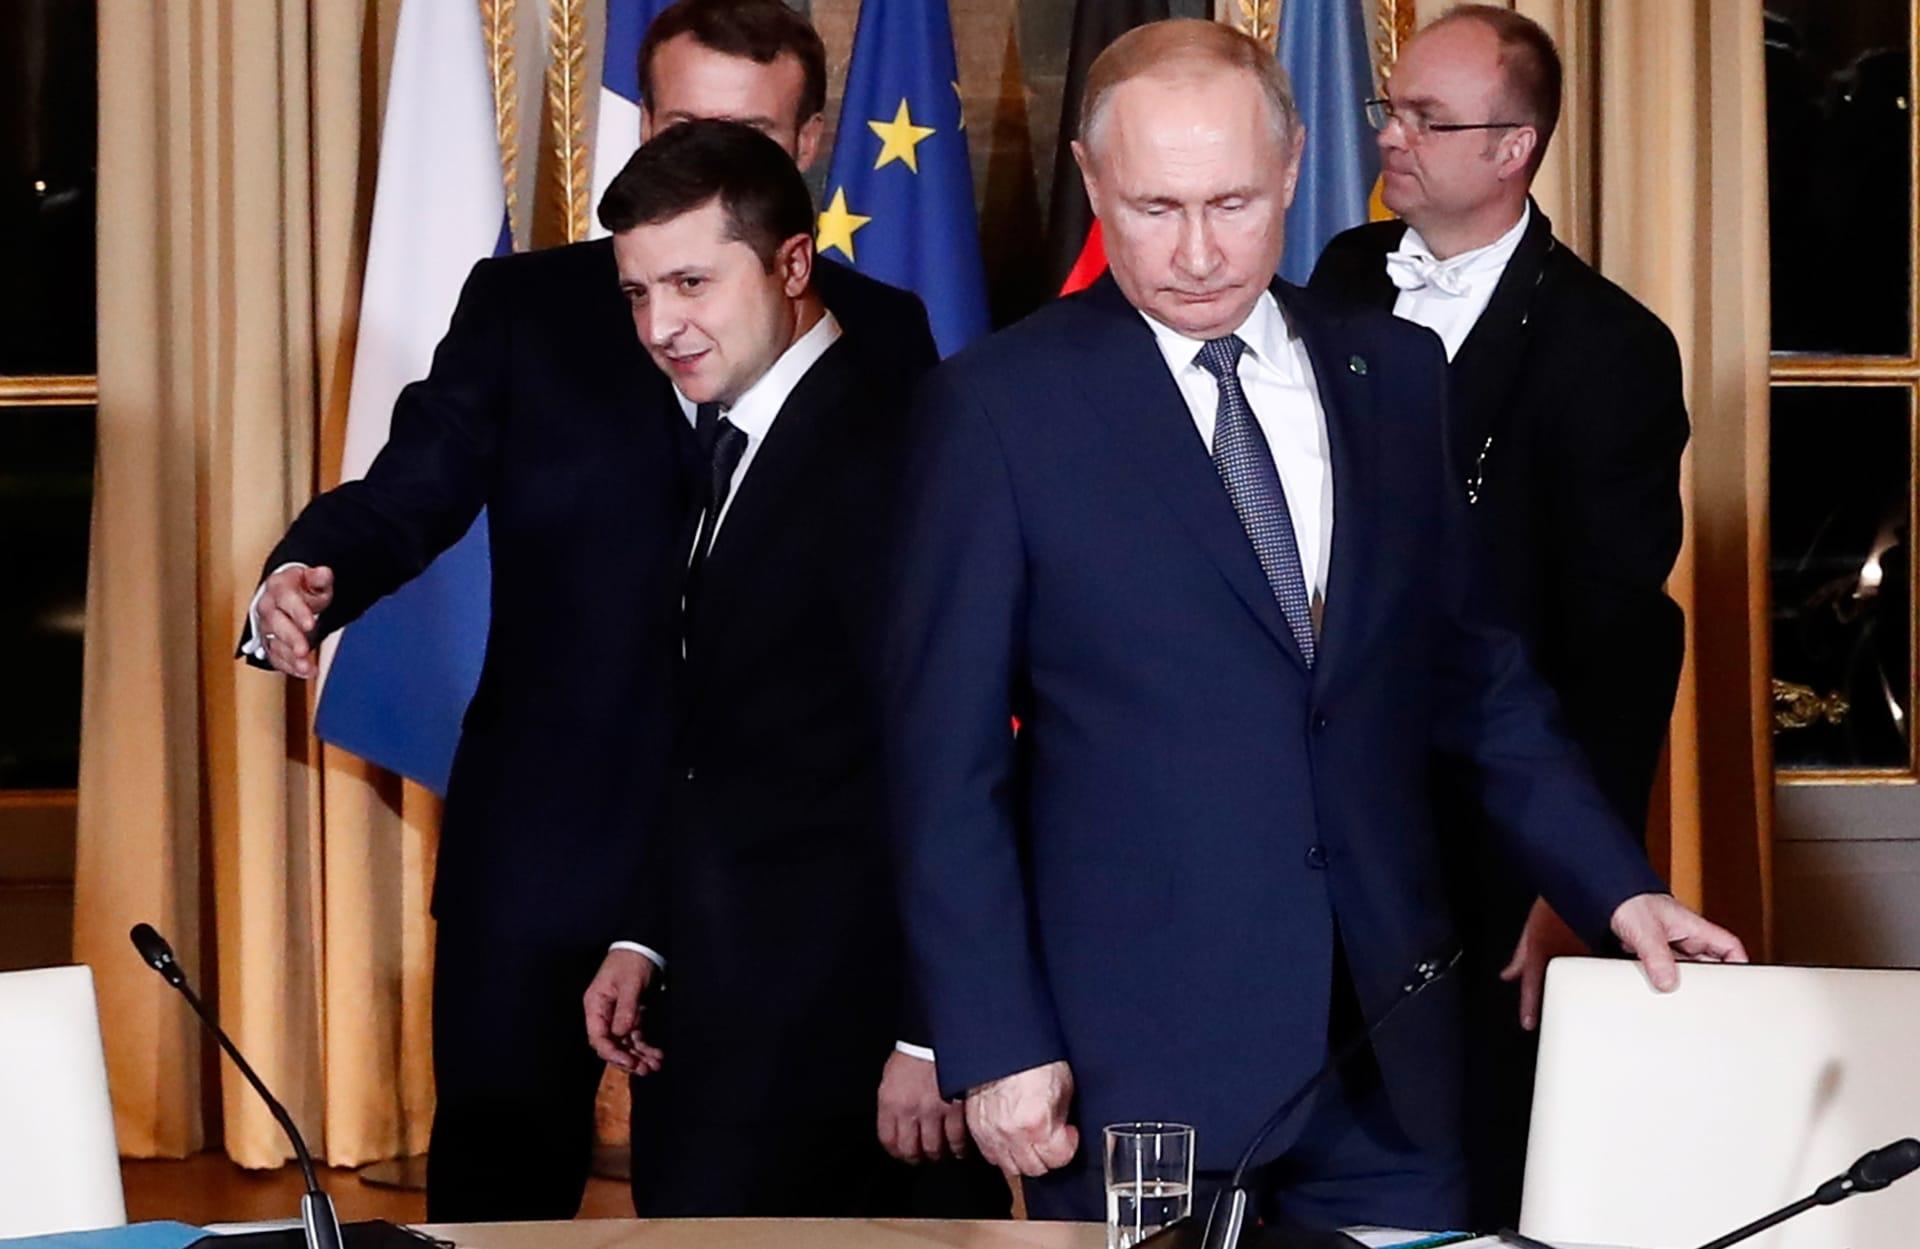 الرئيس الروسي فلاديمير بوتين ونظيره الأوكراني فولوديمير زيلينسكي